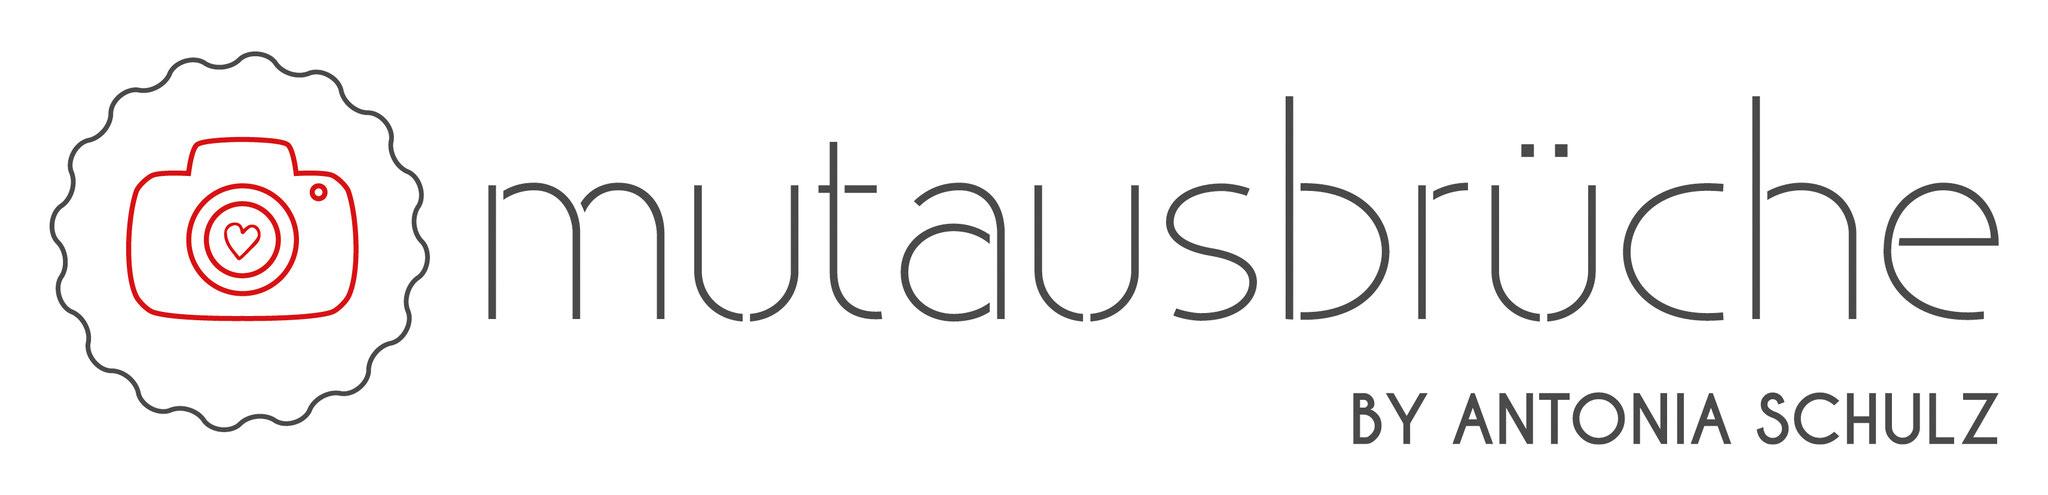 Antonia Schulz: Logo-Design